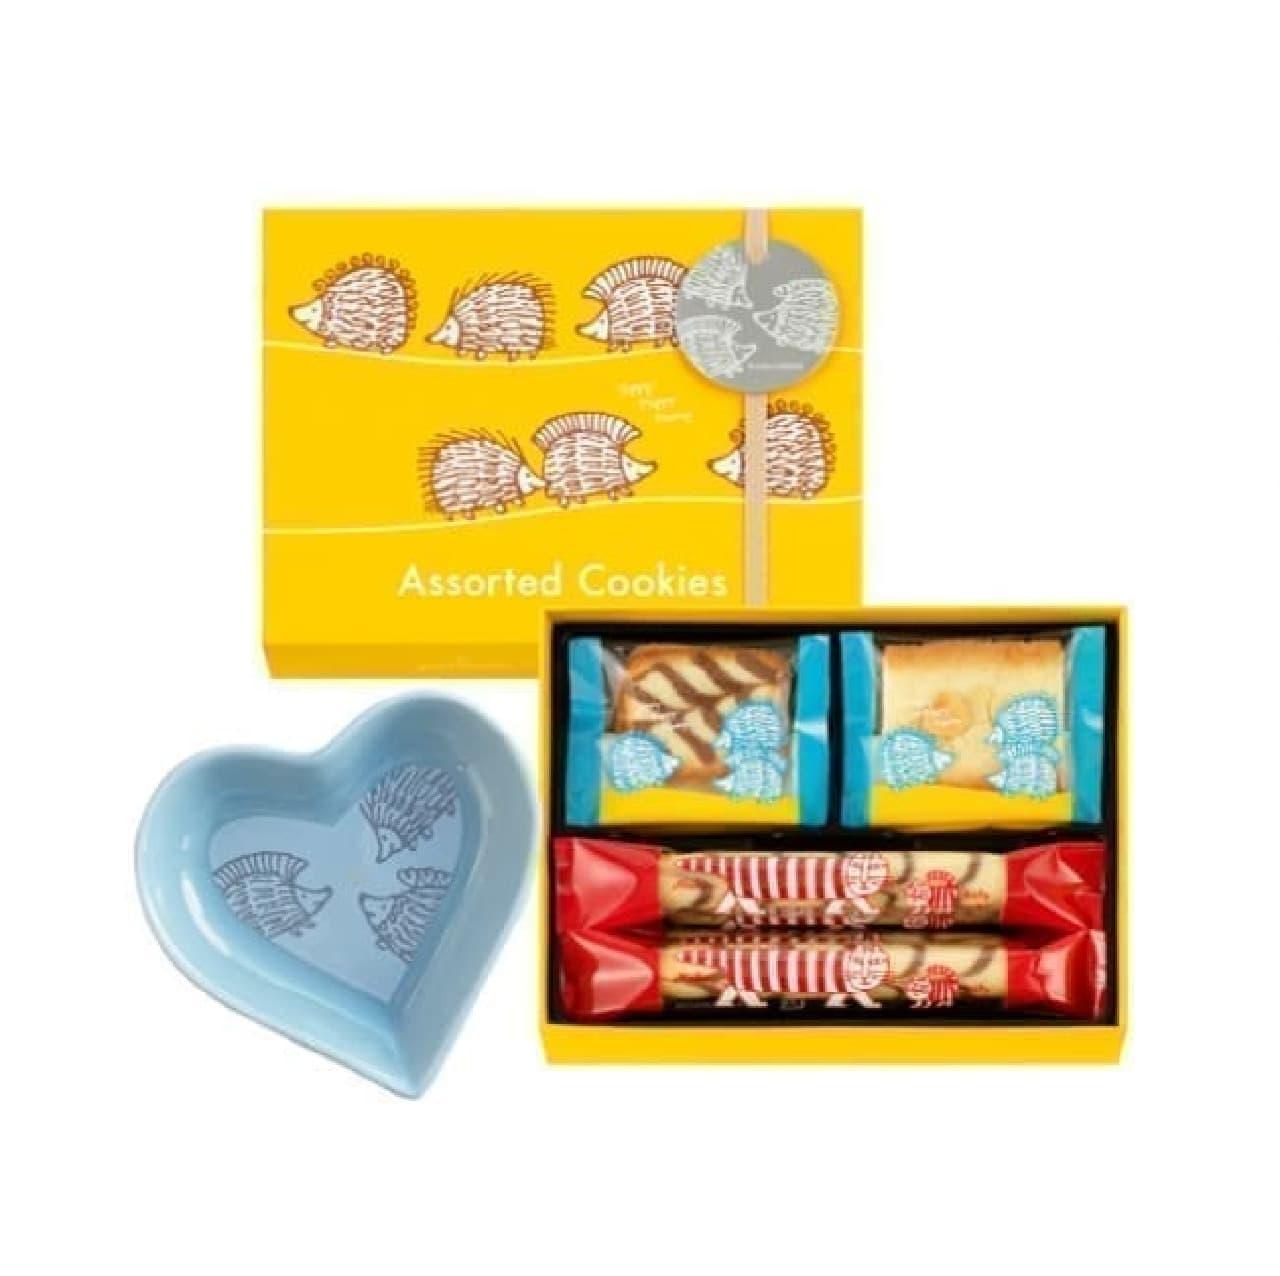 「マイキーのバウムクーヘン・セット」などバレンタイン5商品--リサ・ラーソン×ユーハイムの限定商品がトンカチストアに